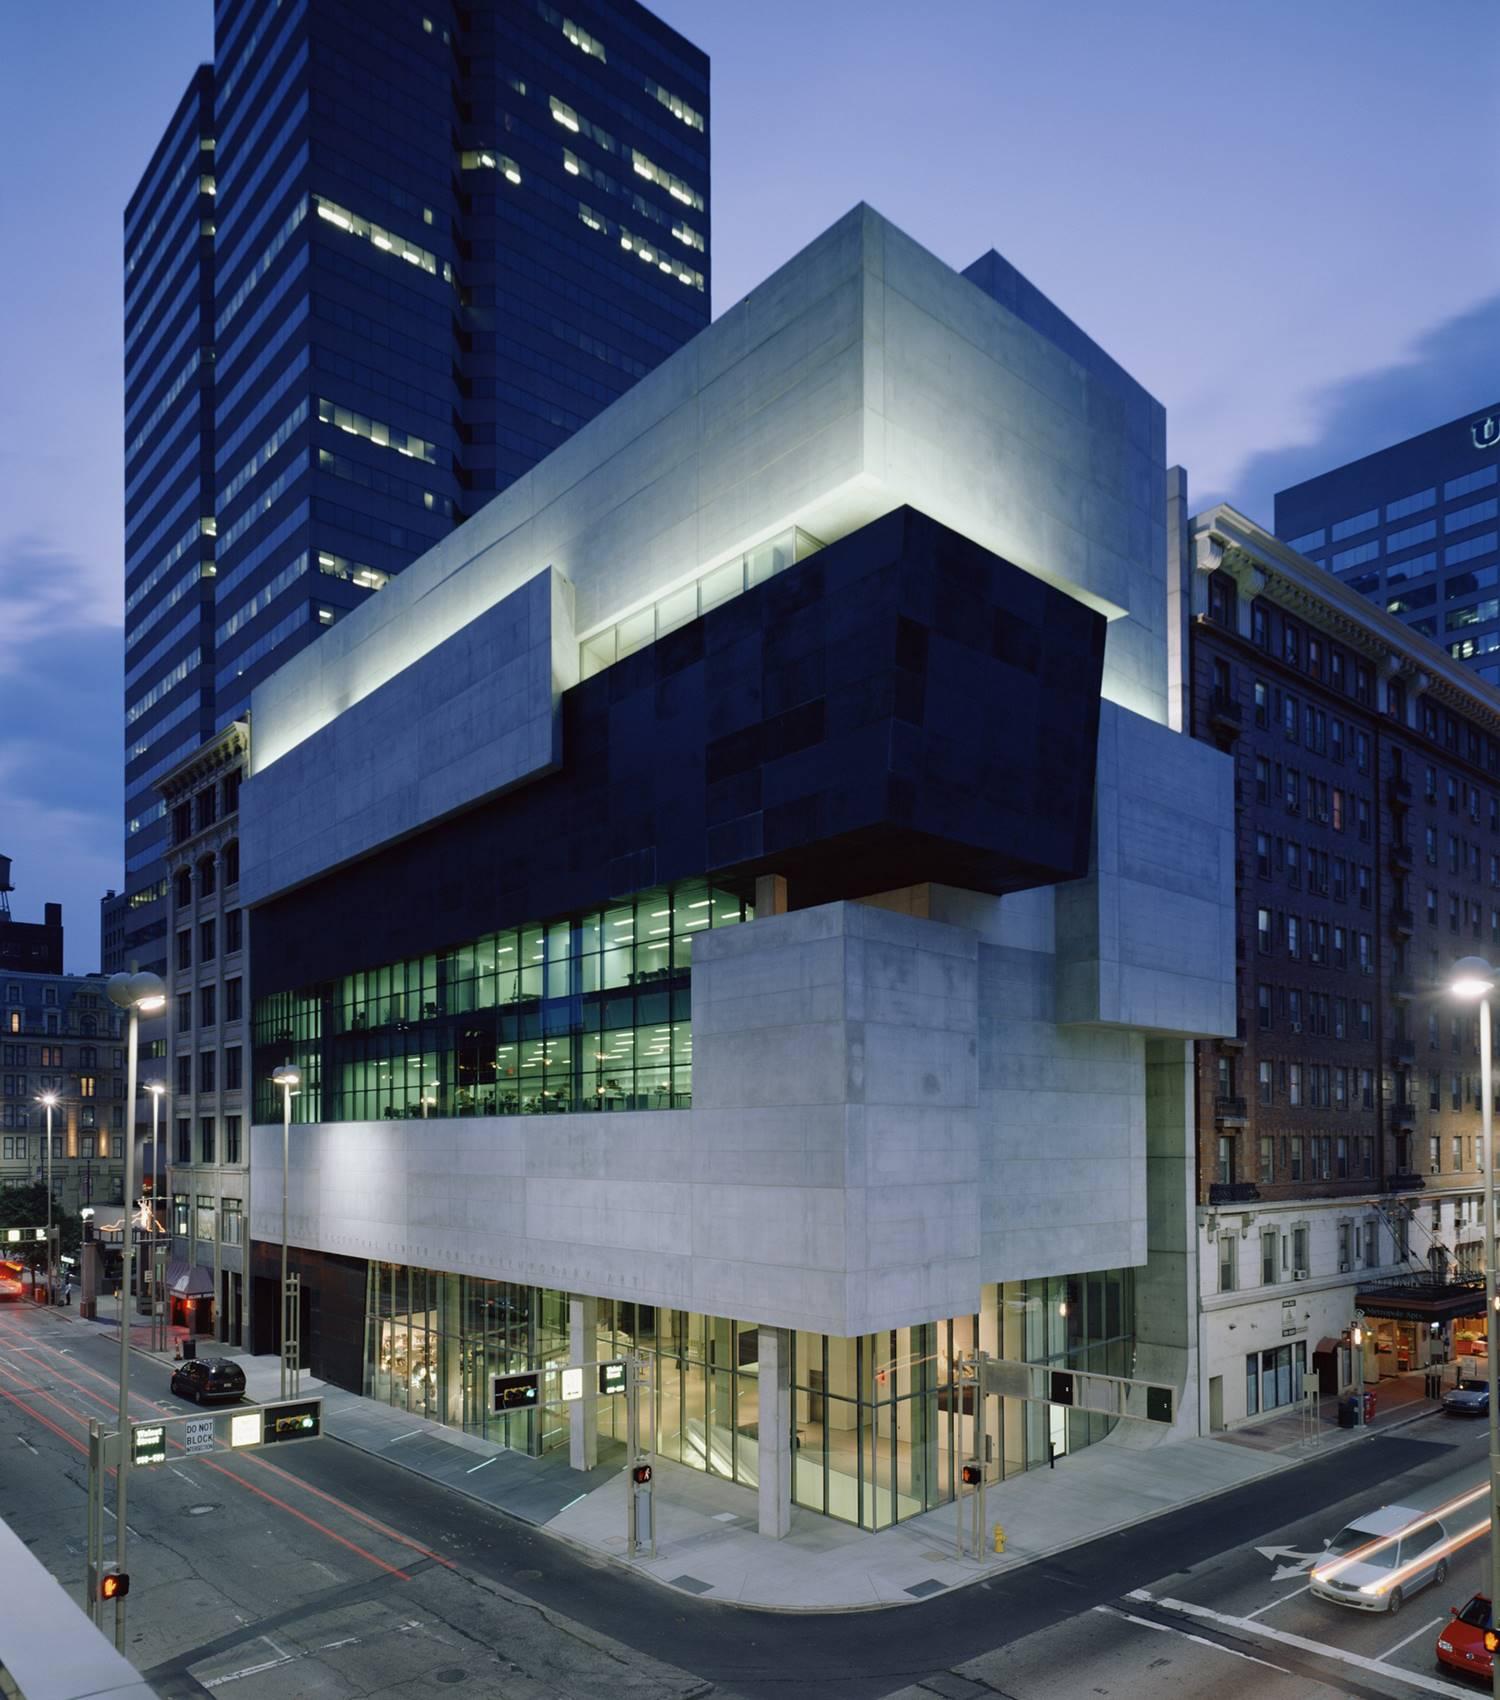 Centro de Arte Contemporaneo Lois&Richard Rosenthal.